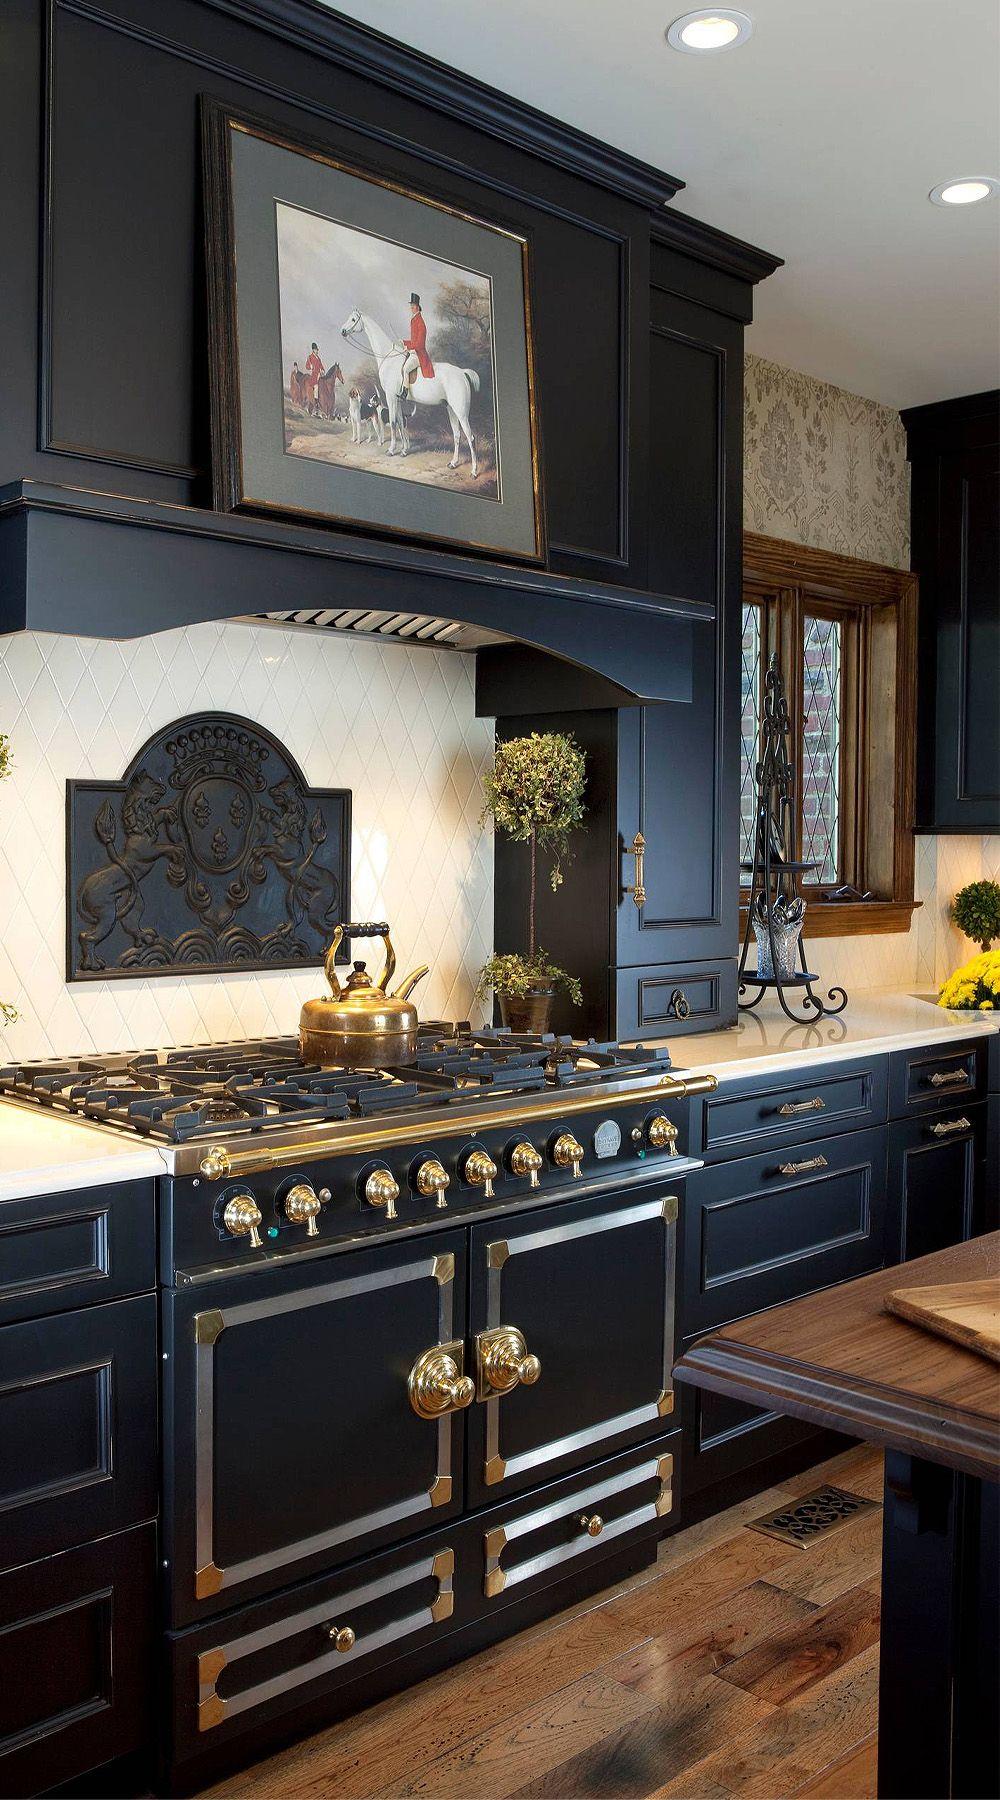 39 Black Kitchen Cabinet Ideas Entering The Dark Side In 2020 Black Kitchens Black Kitchen Cabinets Shabby Chic Kitchen